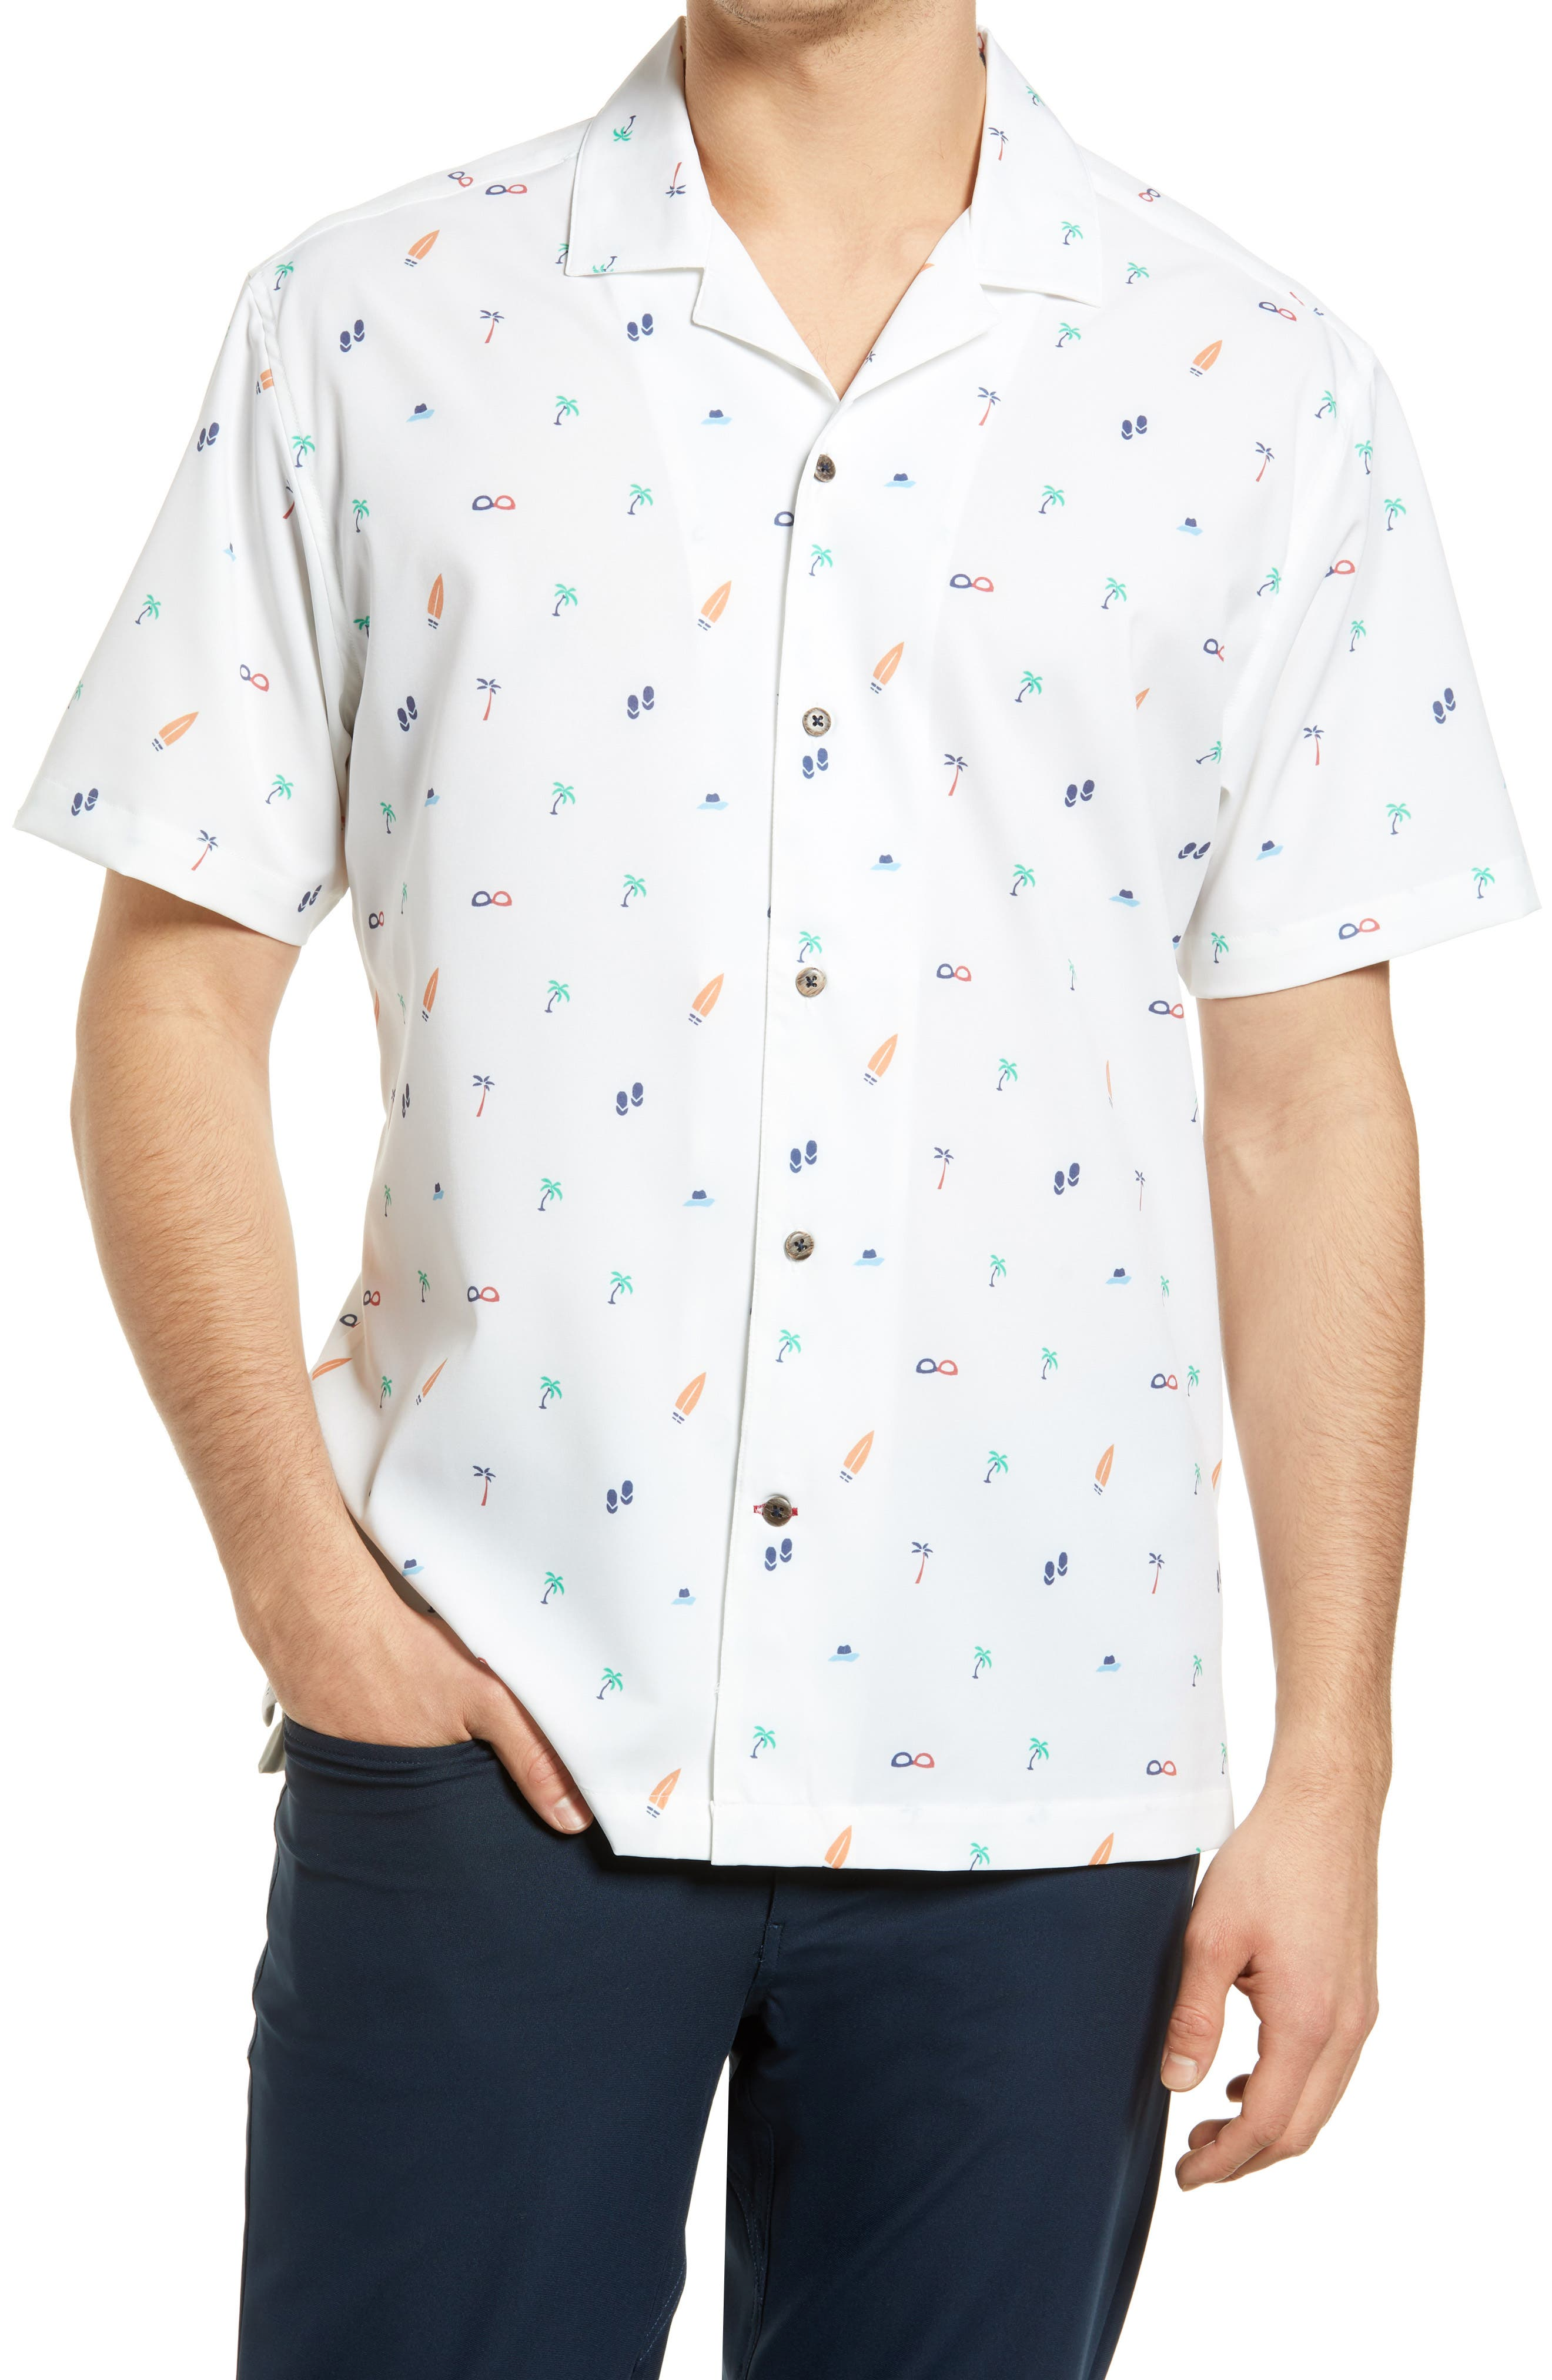 Beach Print Performance Short Sleeve Button-Up Camp Shirt